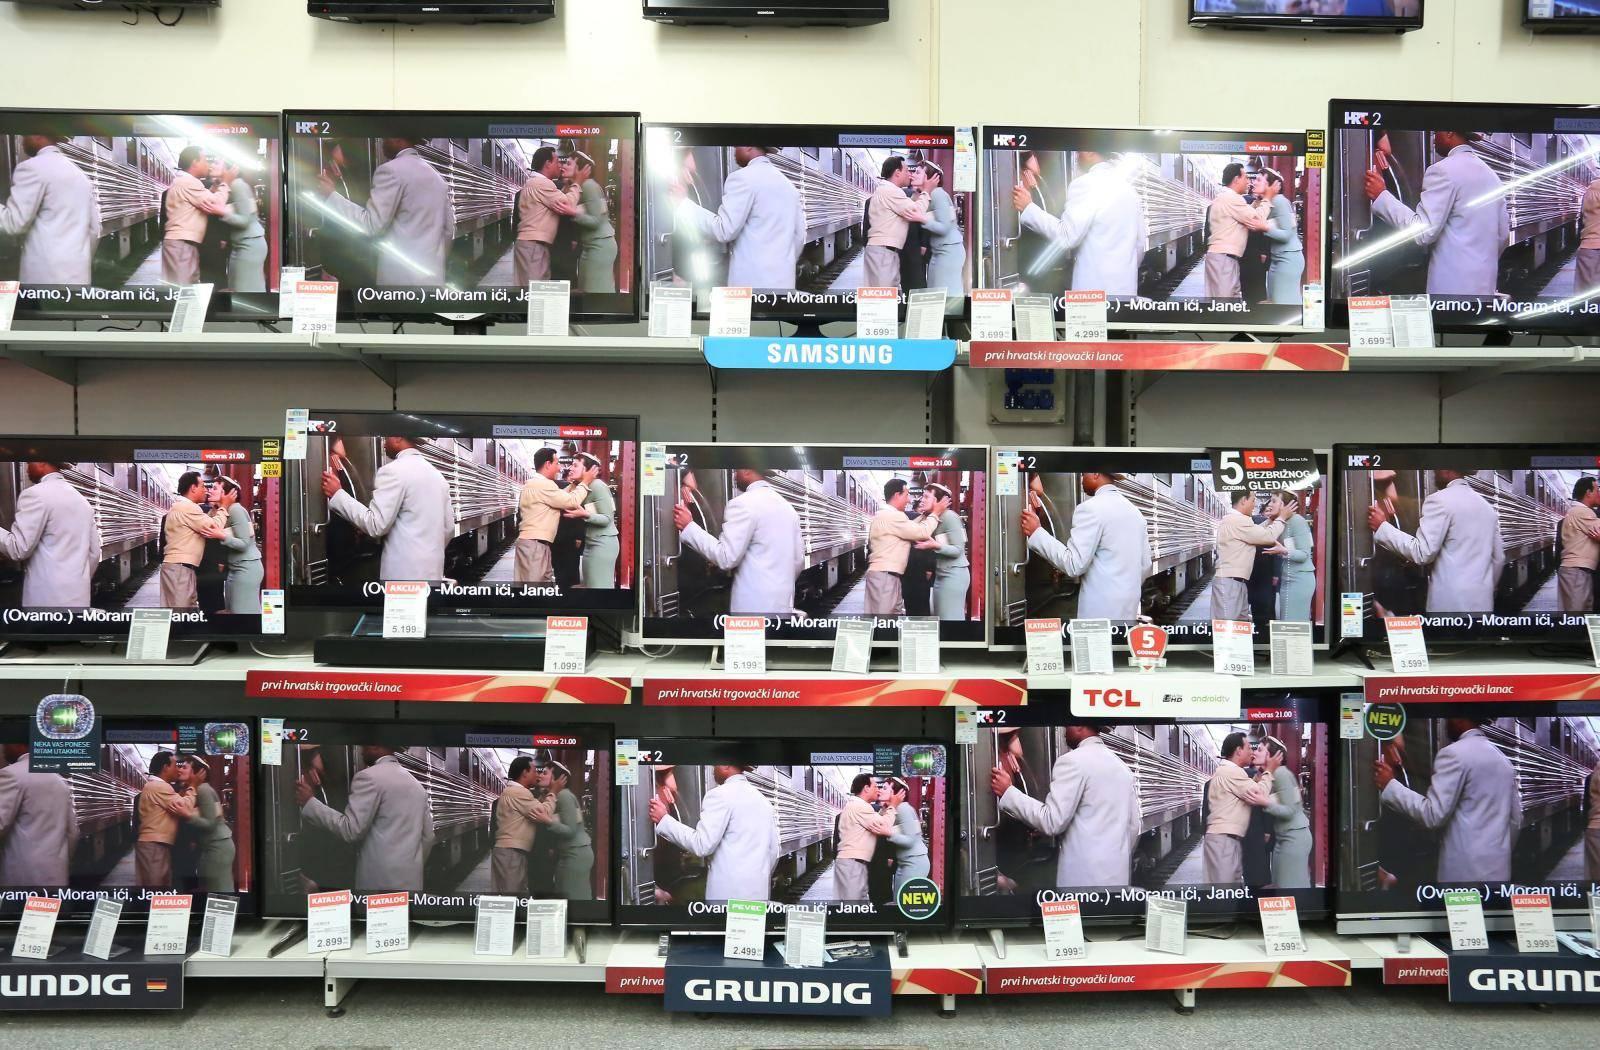 Stigao konačni datum: Stari DVB signal gasi se 25. svibnja